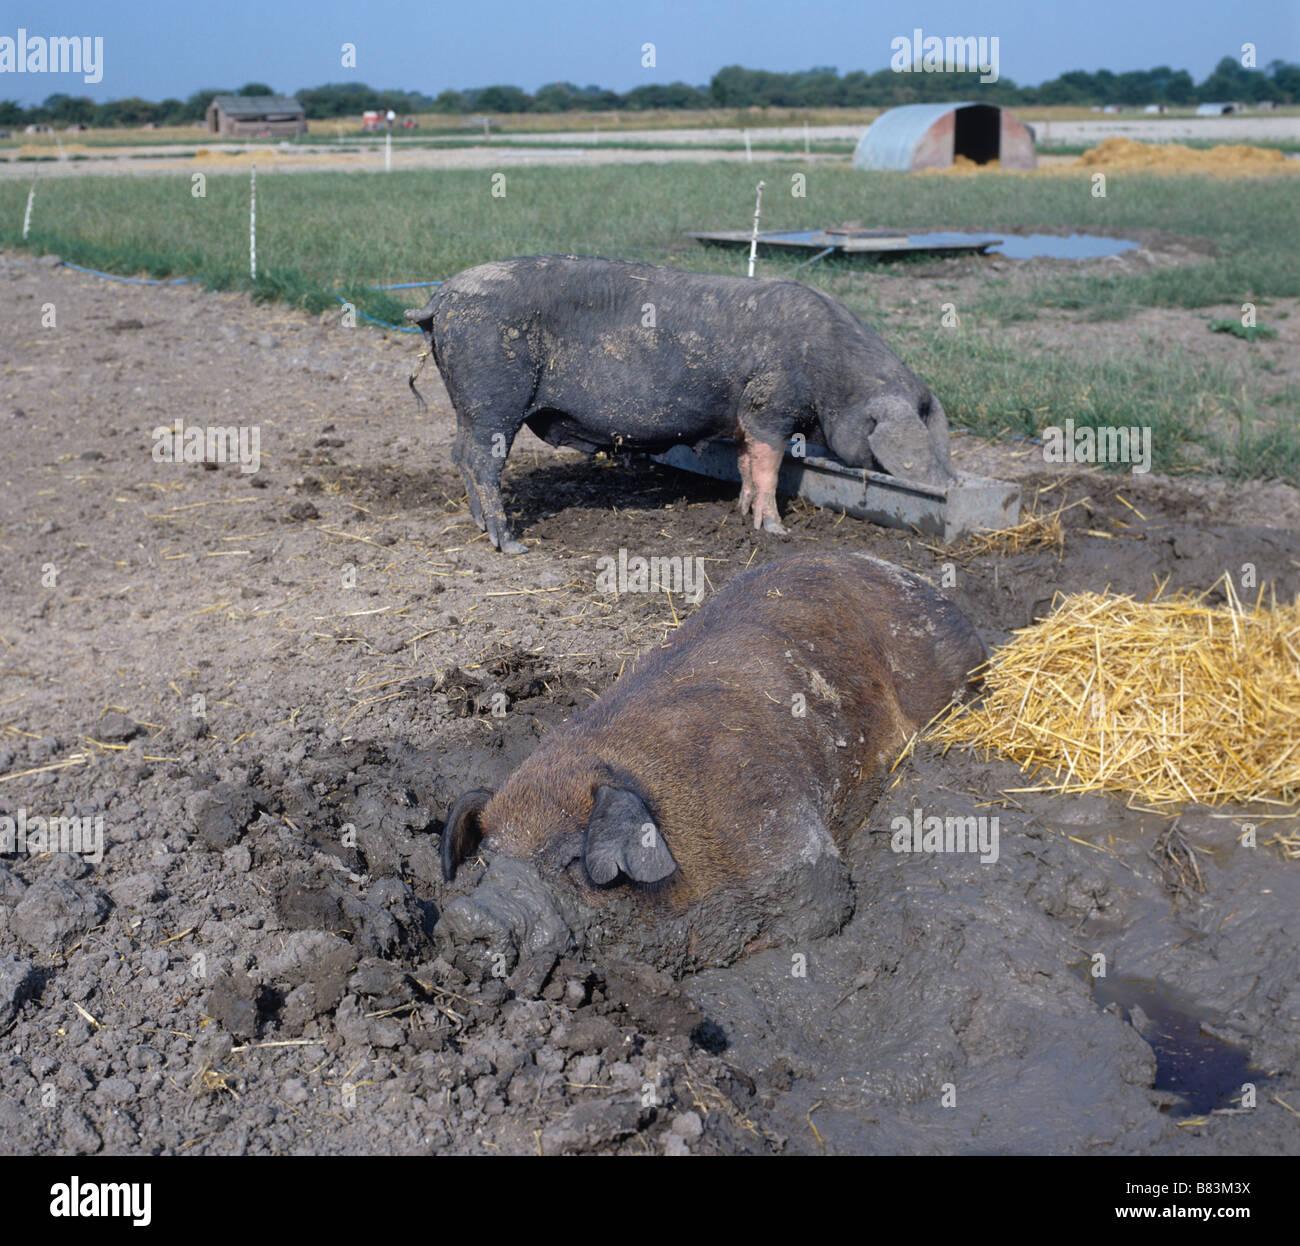 Duroc cinghiale wallowing in fango in una calda giornata estiva in una azienda agricola biologica Immagini Stock